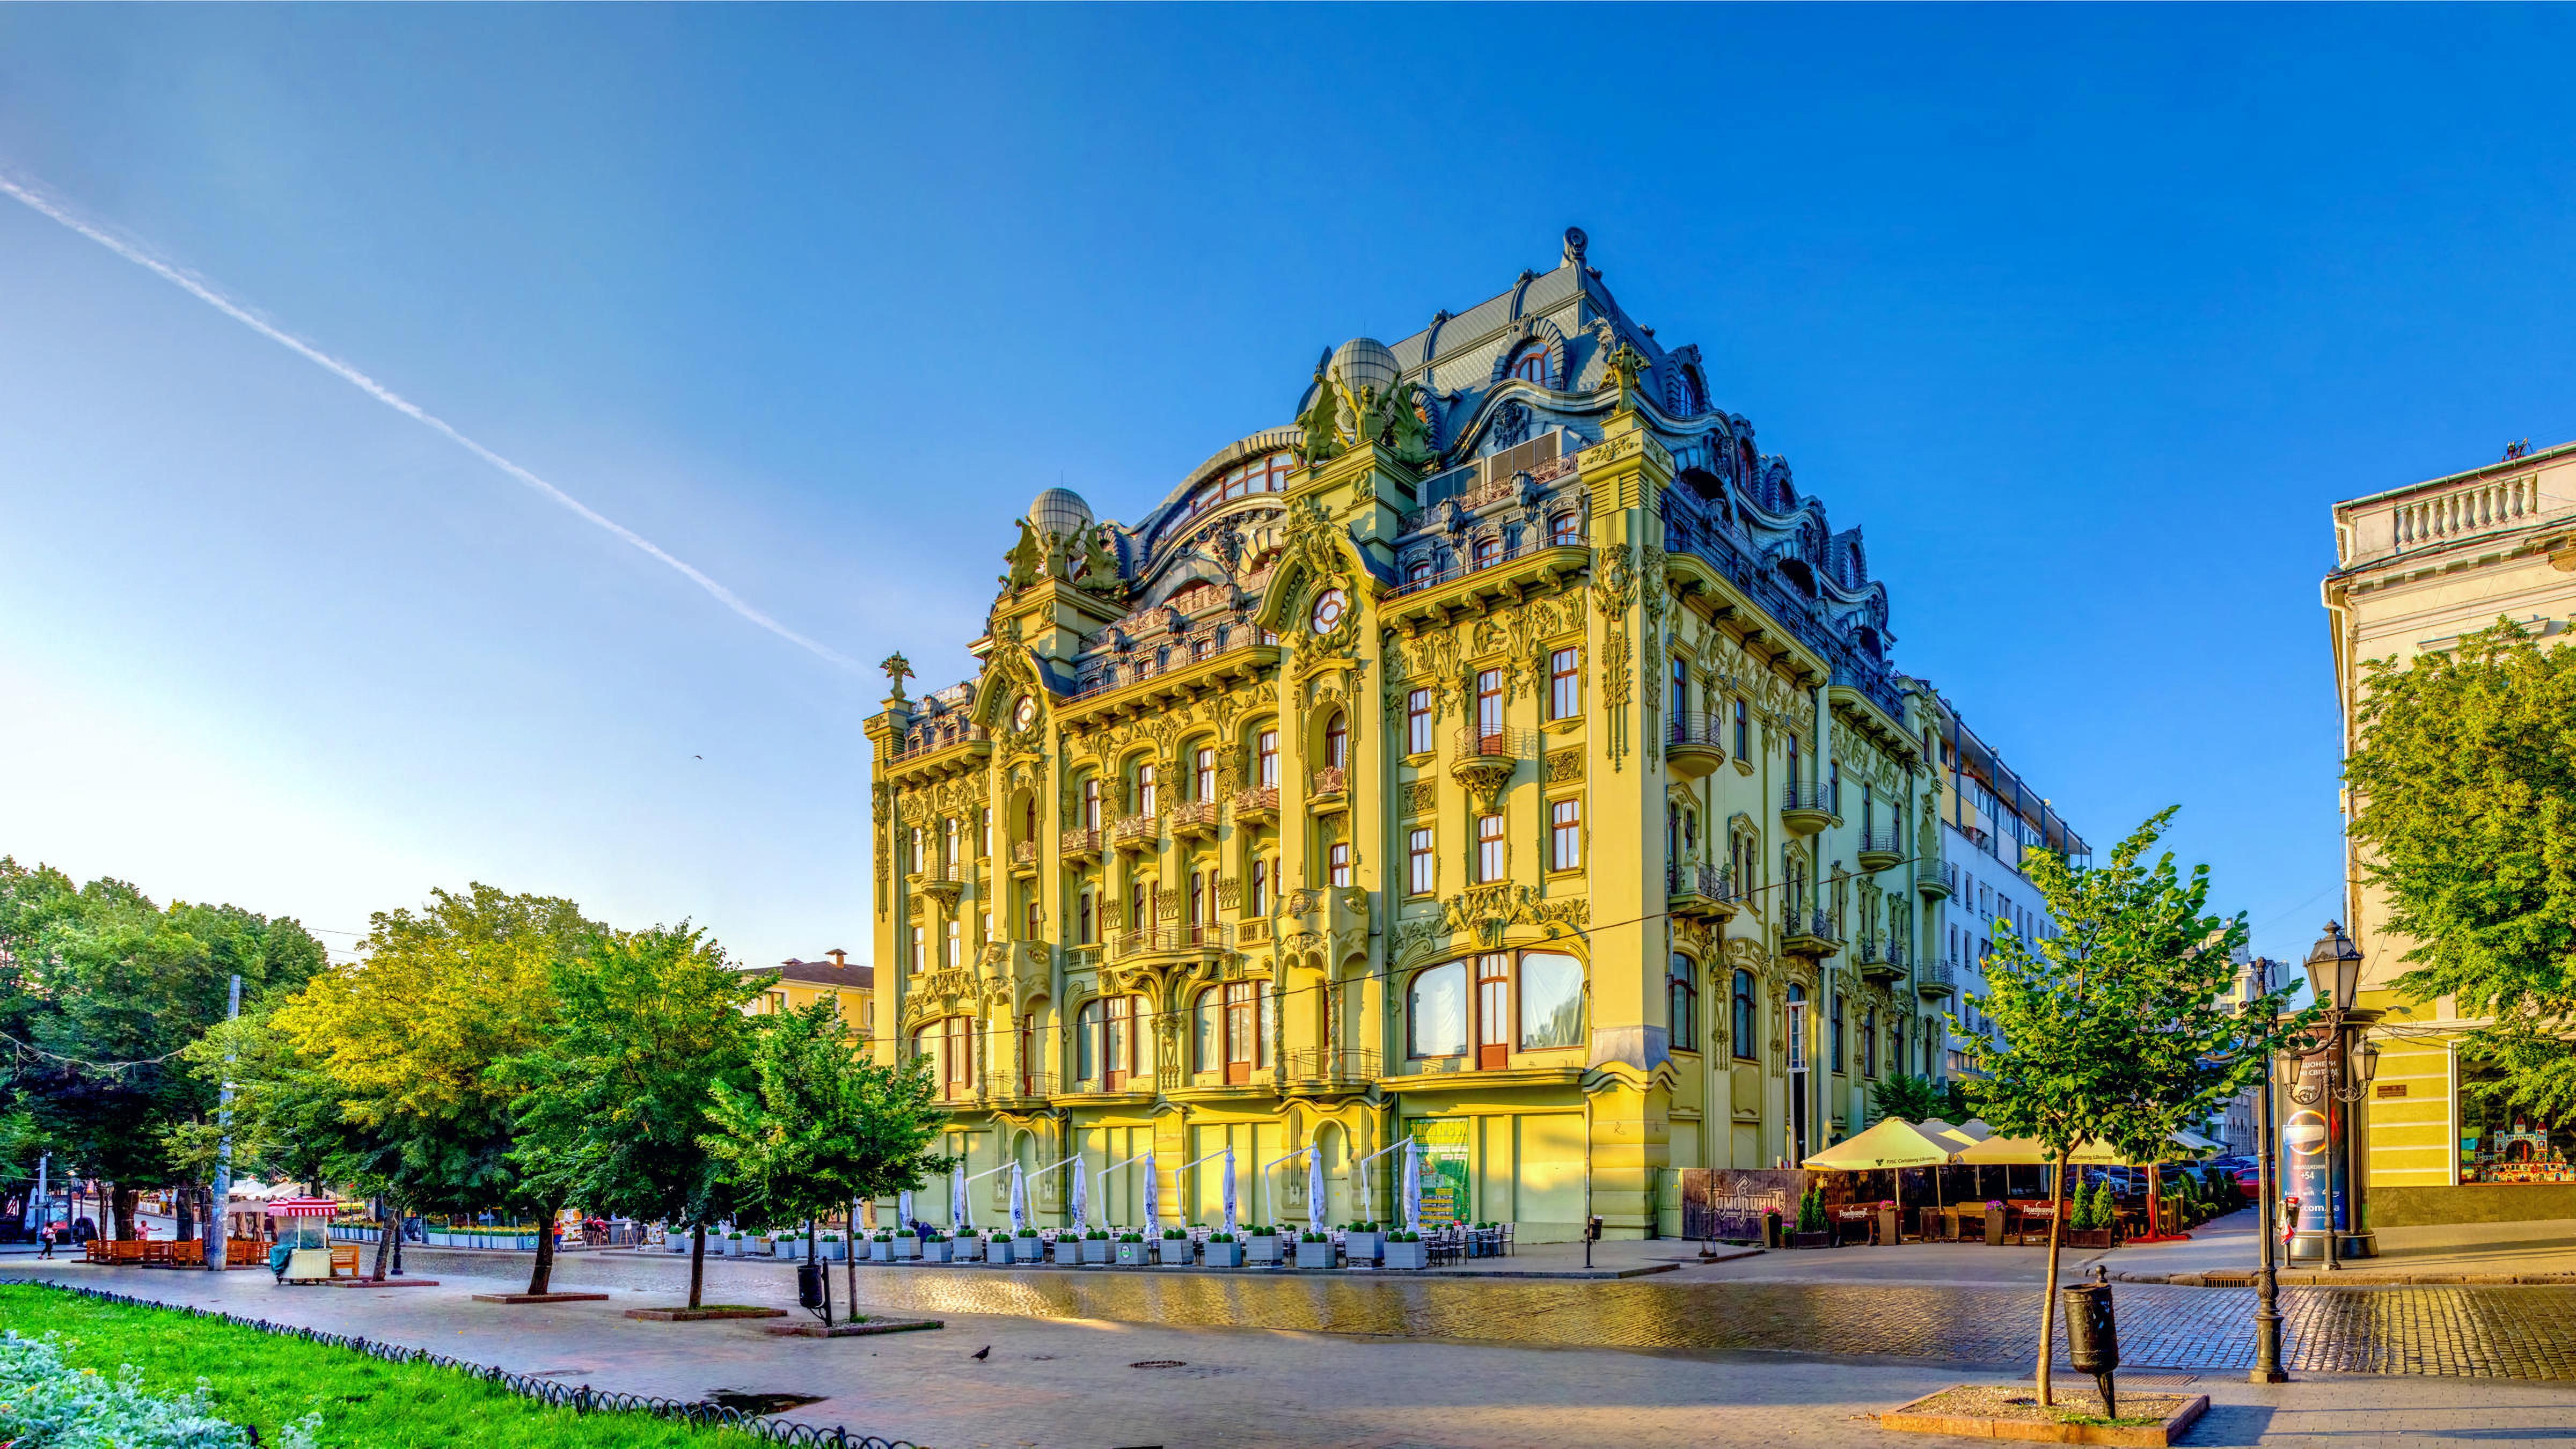 Deribasovskaya Street in Odessa